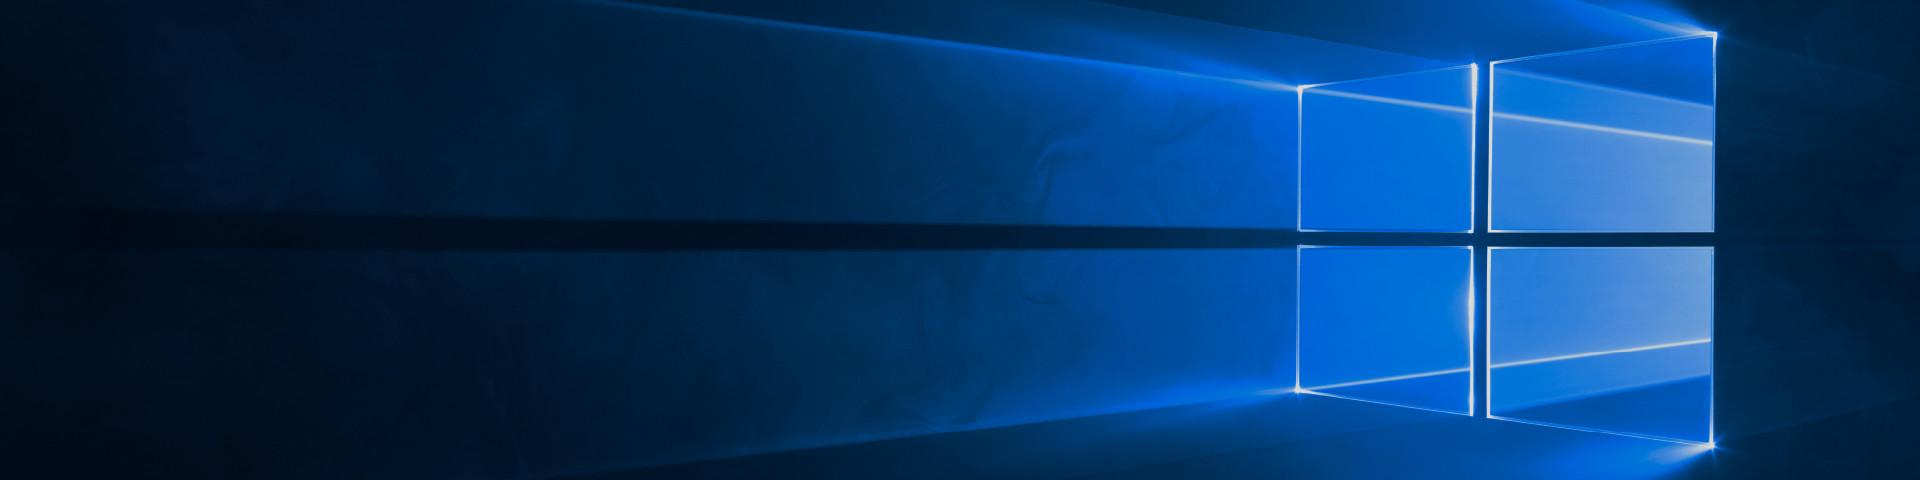 Luz atravessando uma janela, compre e baixe o Windows 10